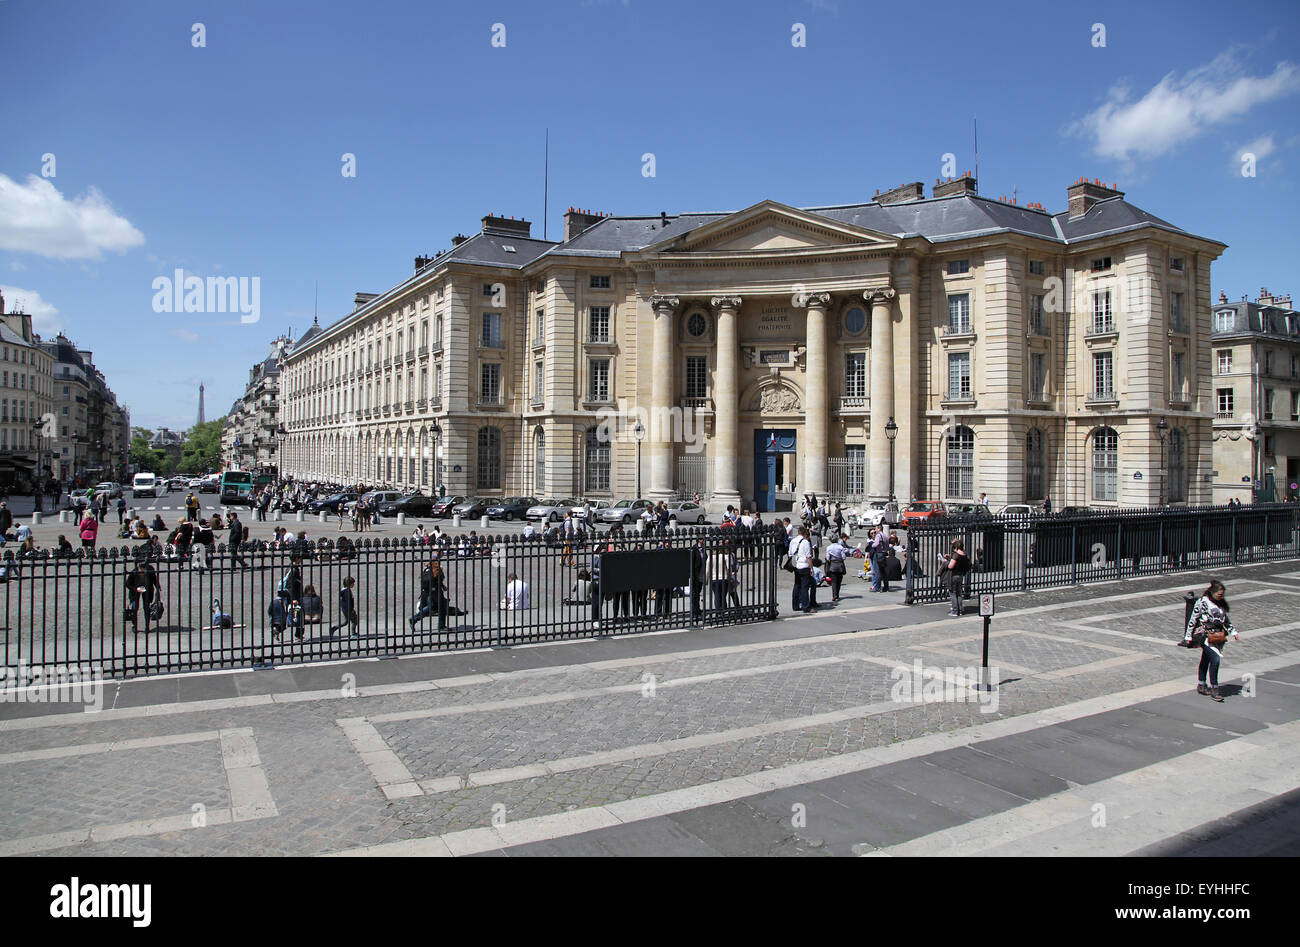 Buildings of the universities Panthéon-Sorbonne and Panthéon-Assas Place du Panthéon Paris - Stock Image